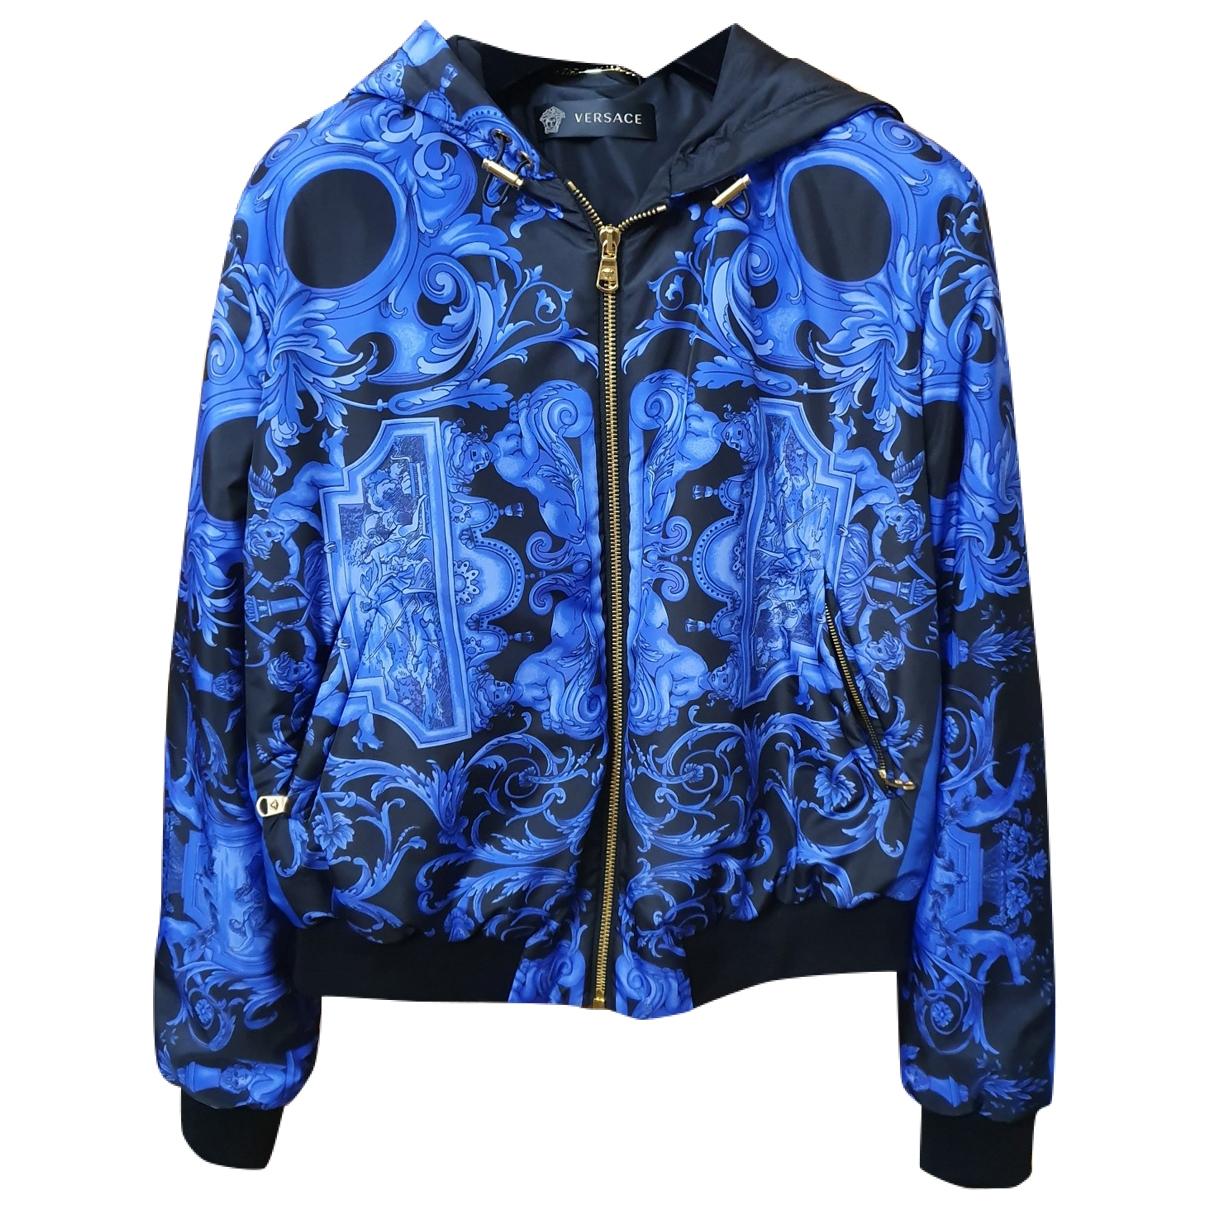 Versace \N Jacke in  Blau Polyester